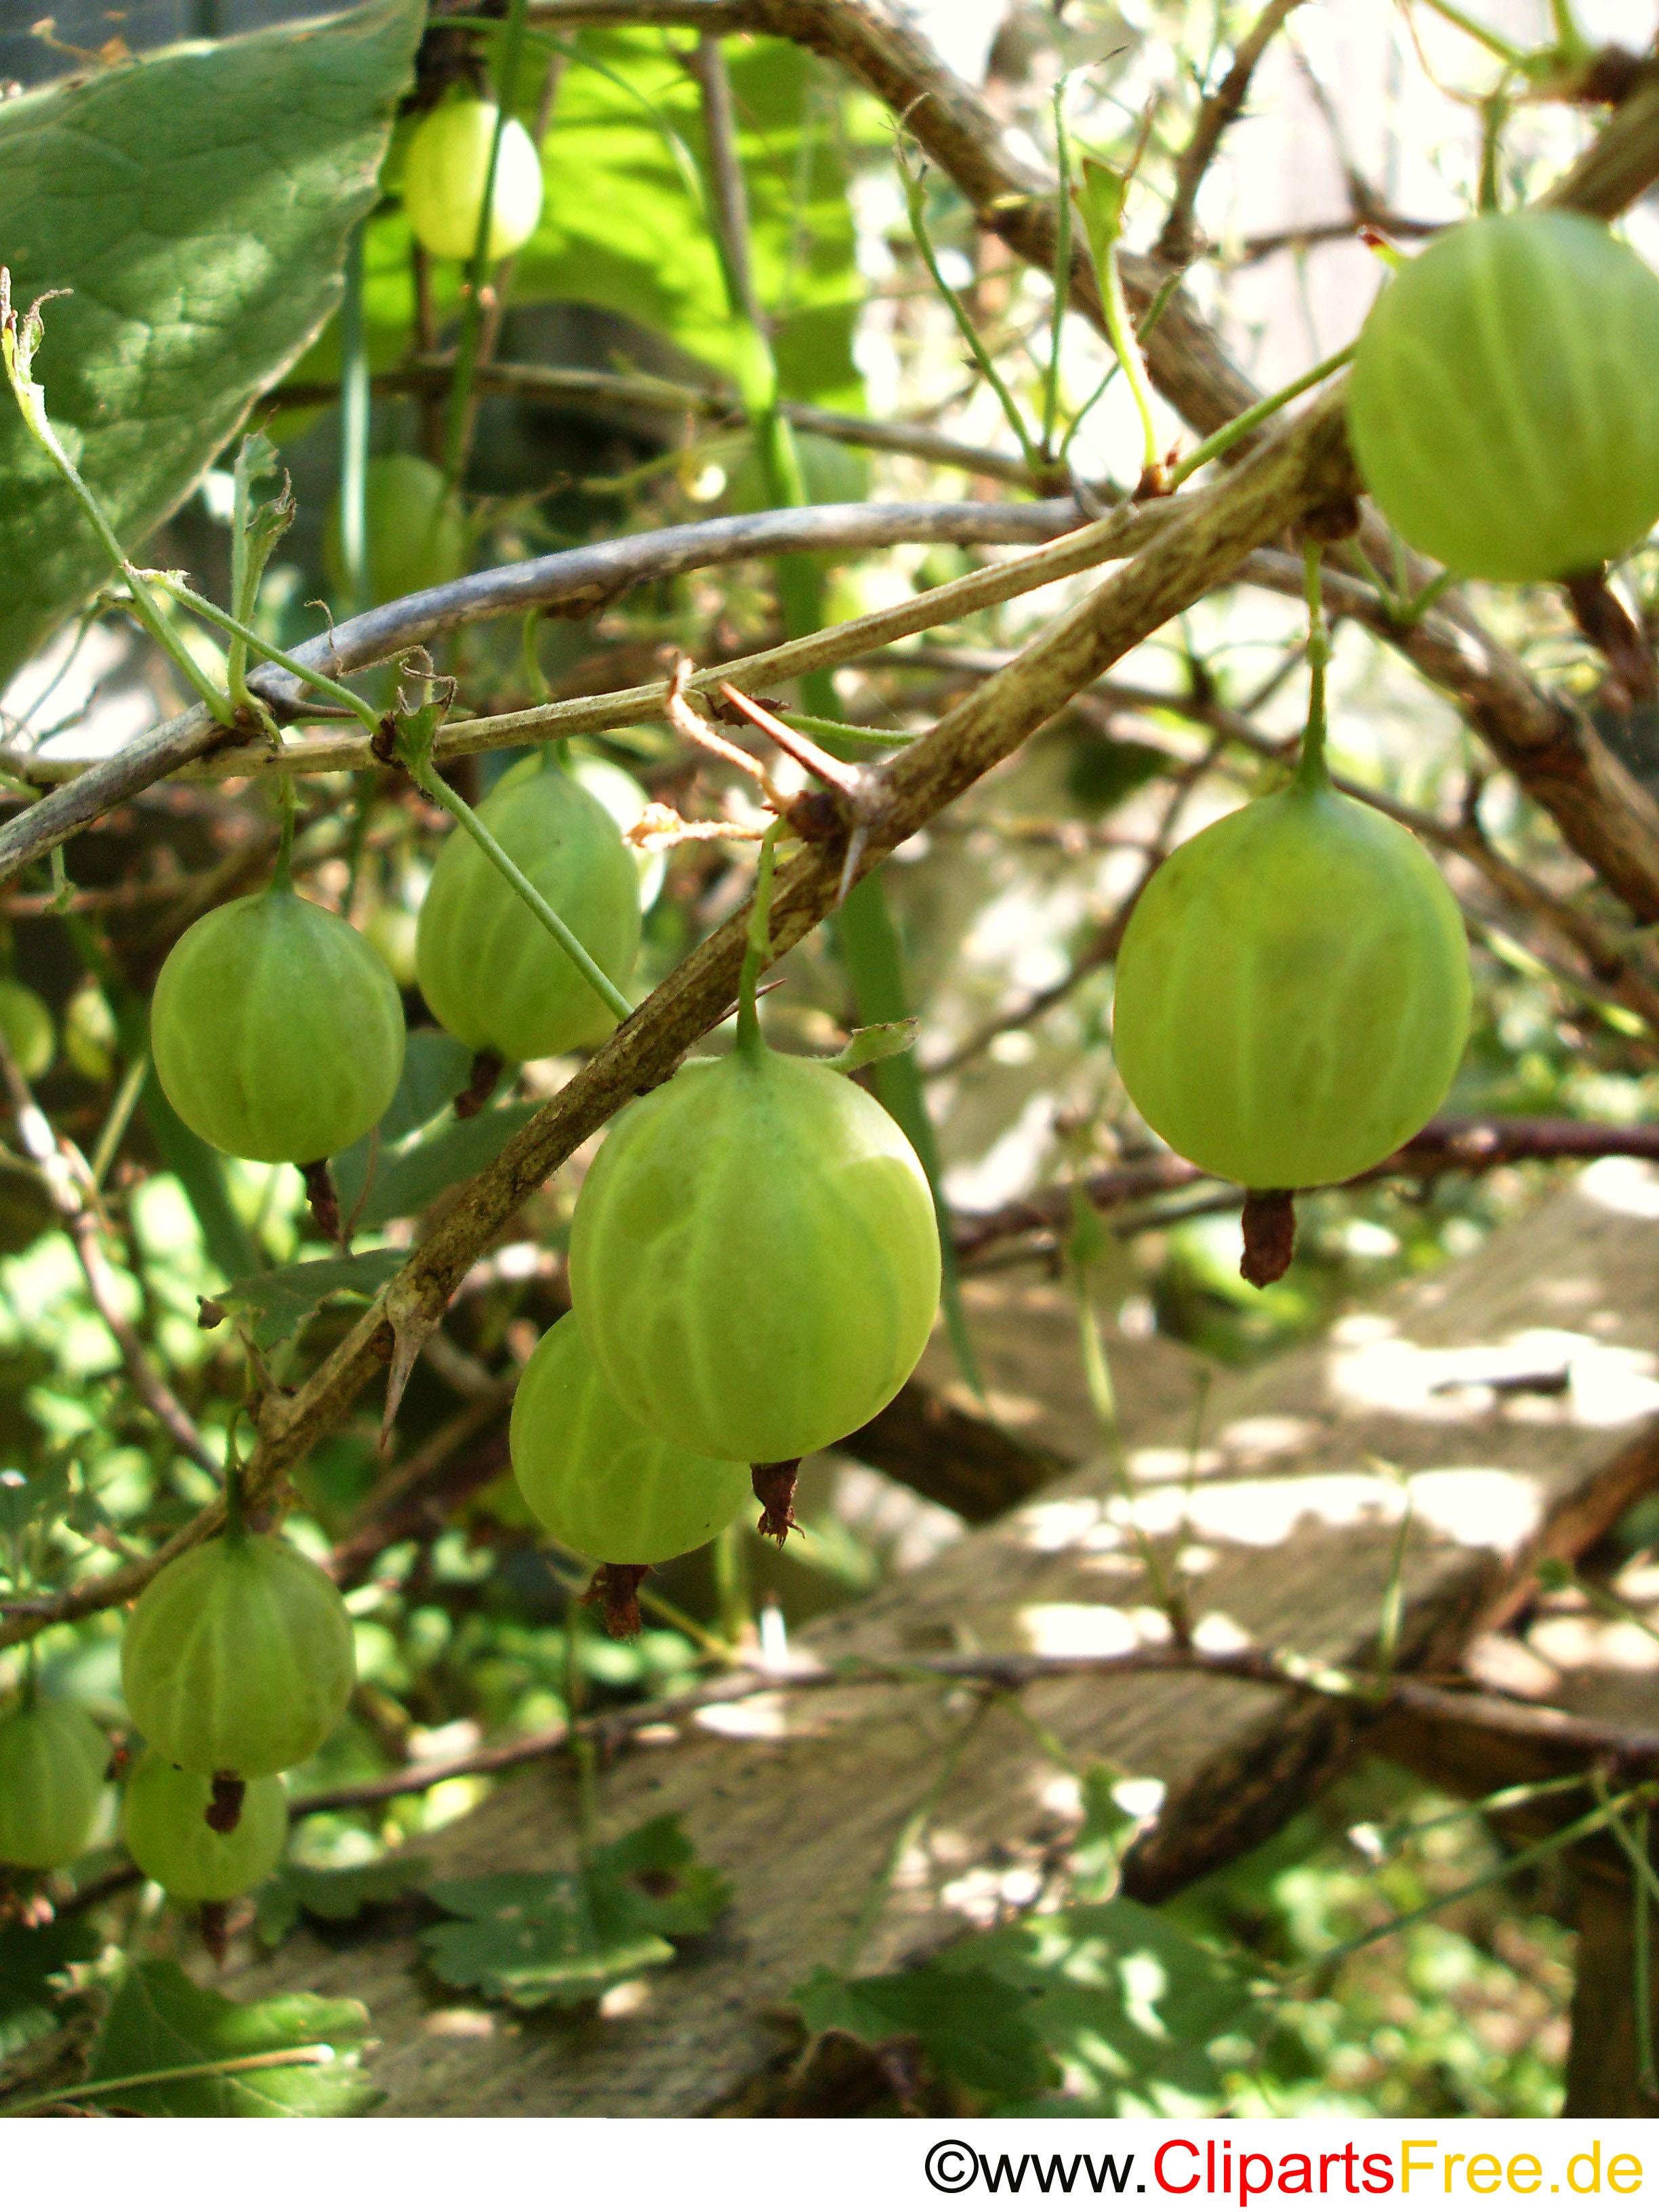 Stachelbeeren im Garten foto für Unterricht